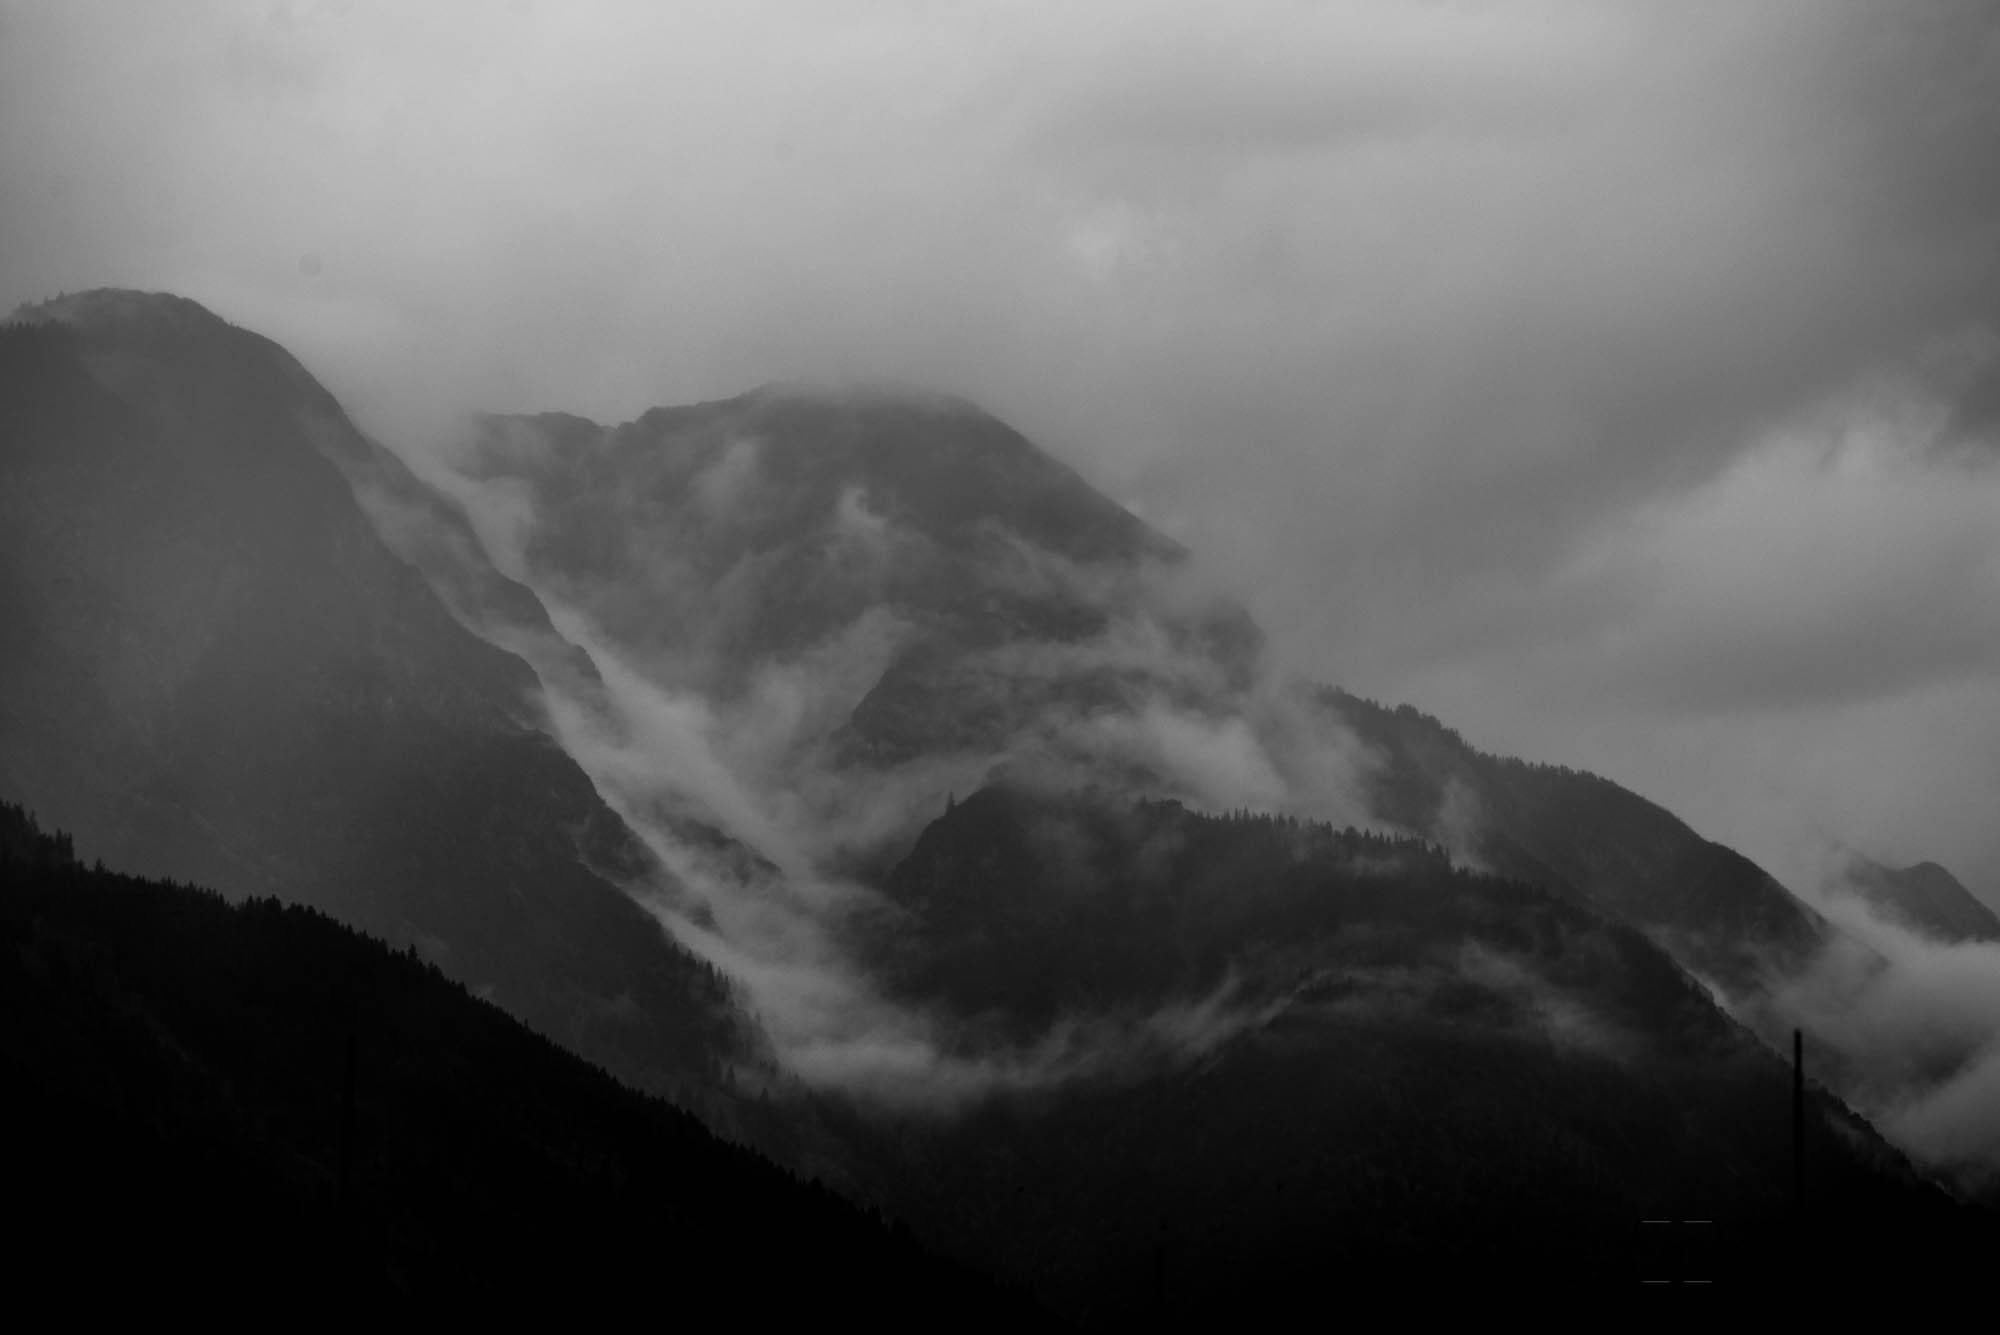 praktische fototipps, Tipps für bessere Bergfotos, fototipps bergwandern, fototipp berglandschaft, fototipp landschaft, landscahft fotografieren praktische fototipps. theoretische fototipps